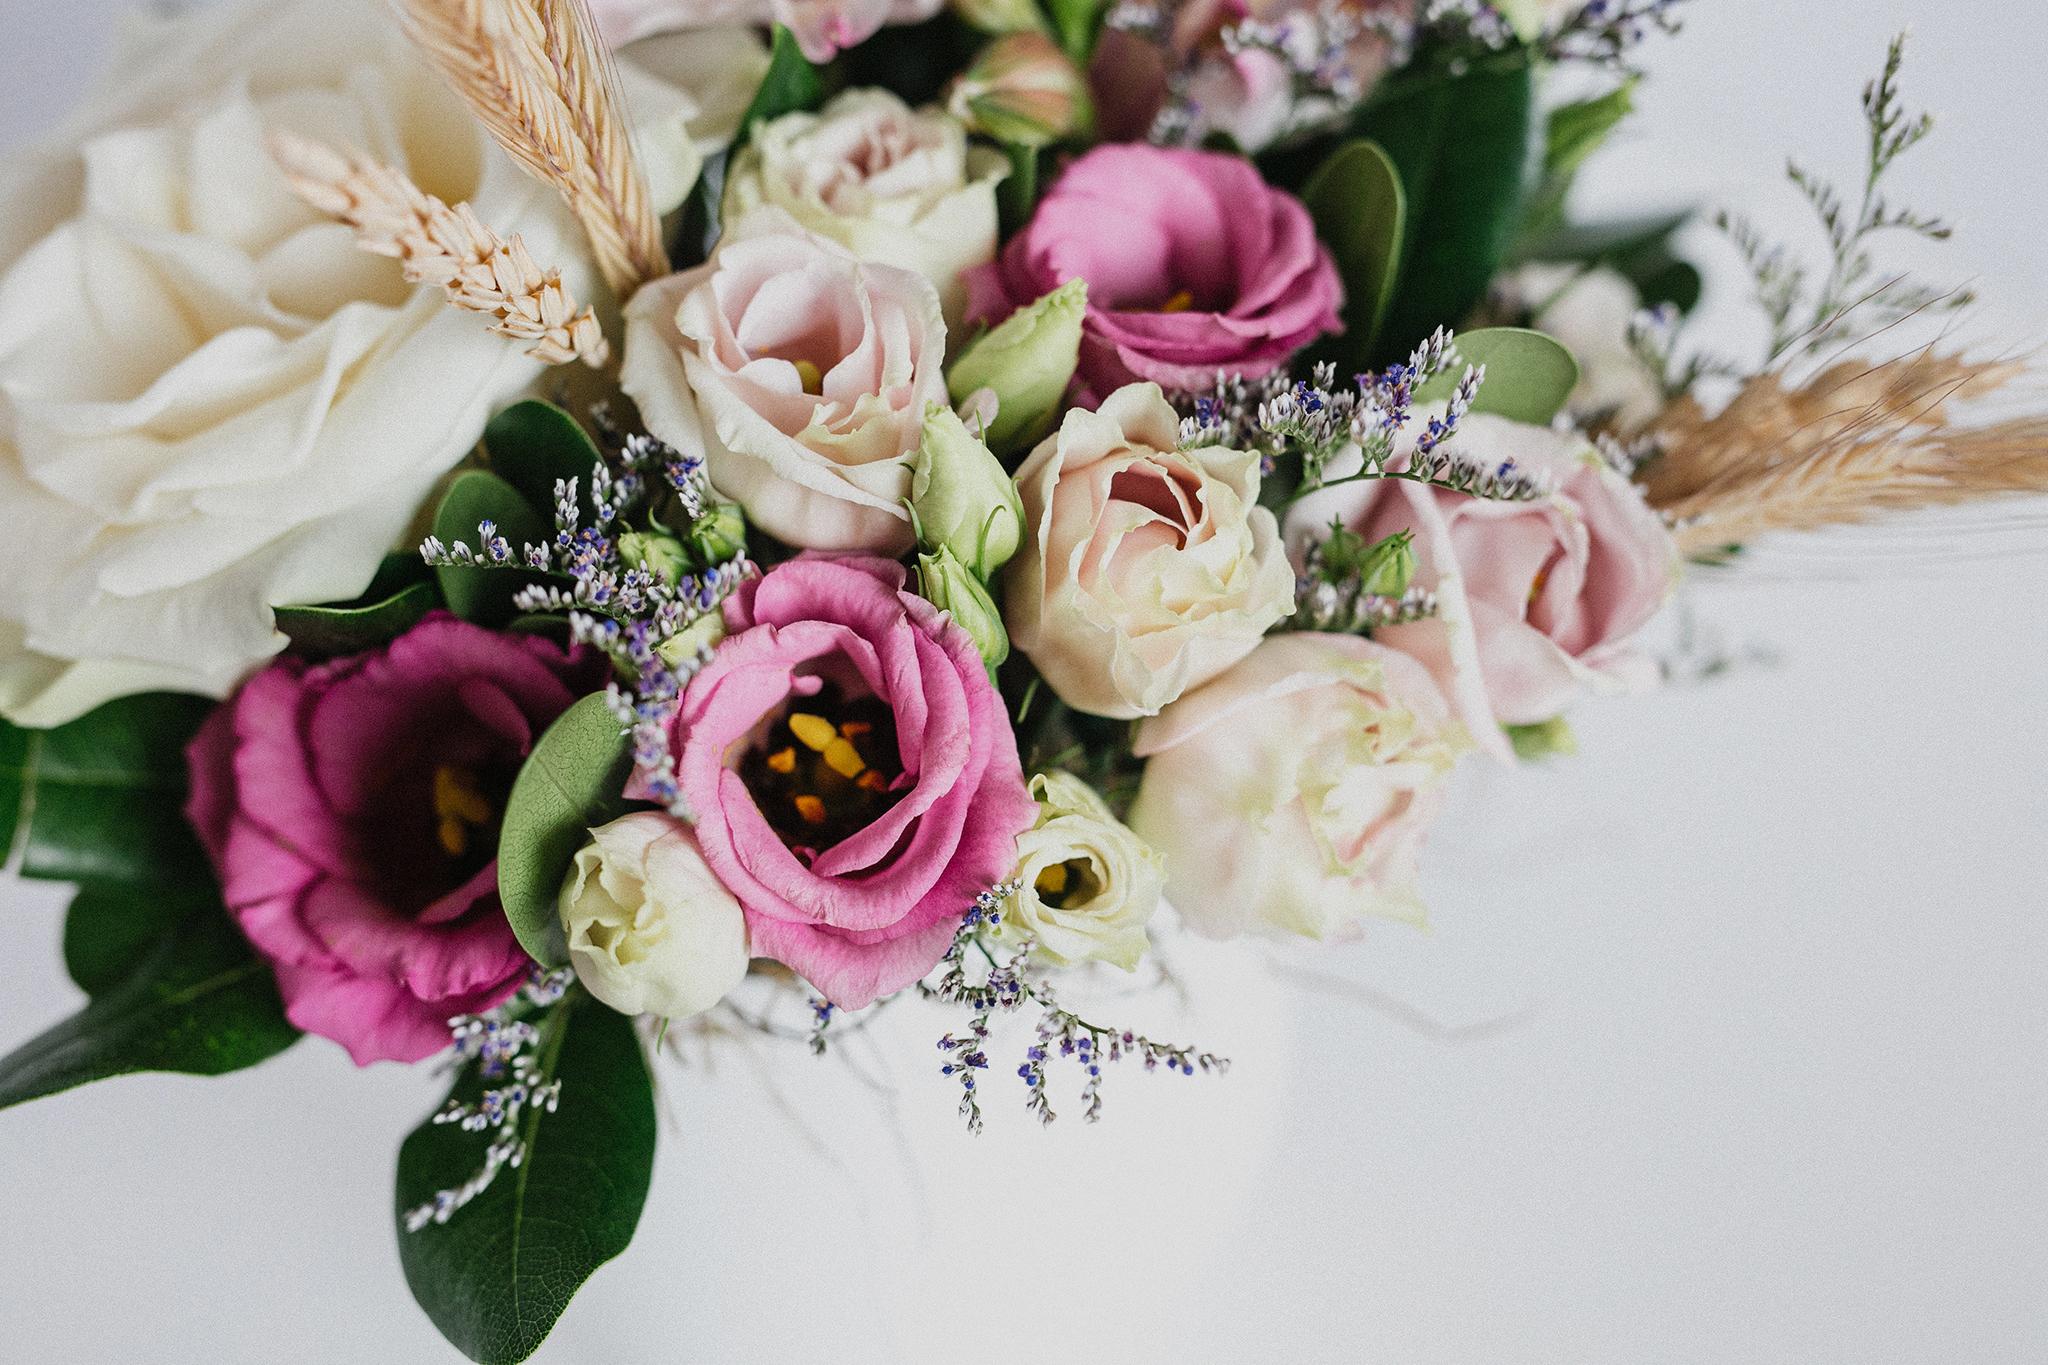 Des fleurs pour une naissance